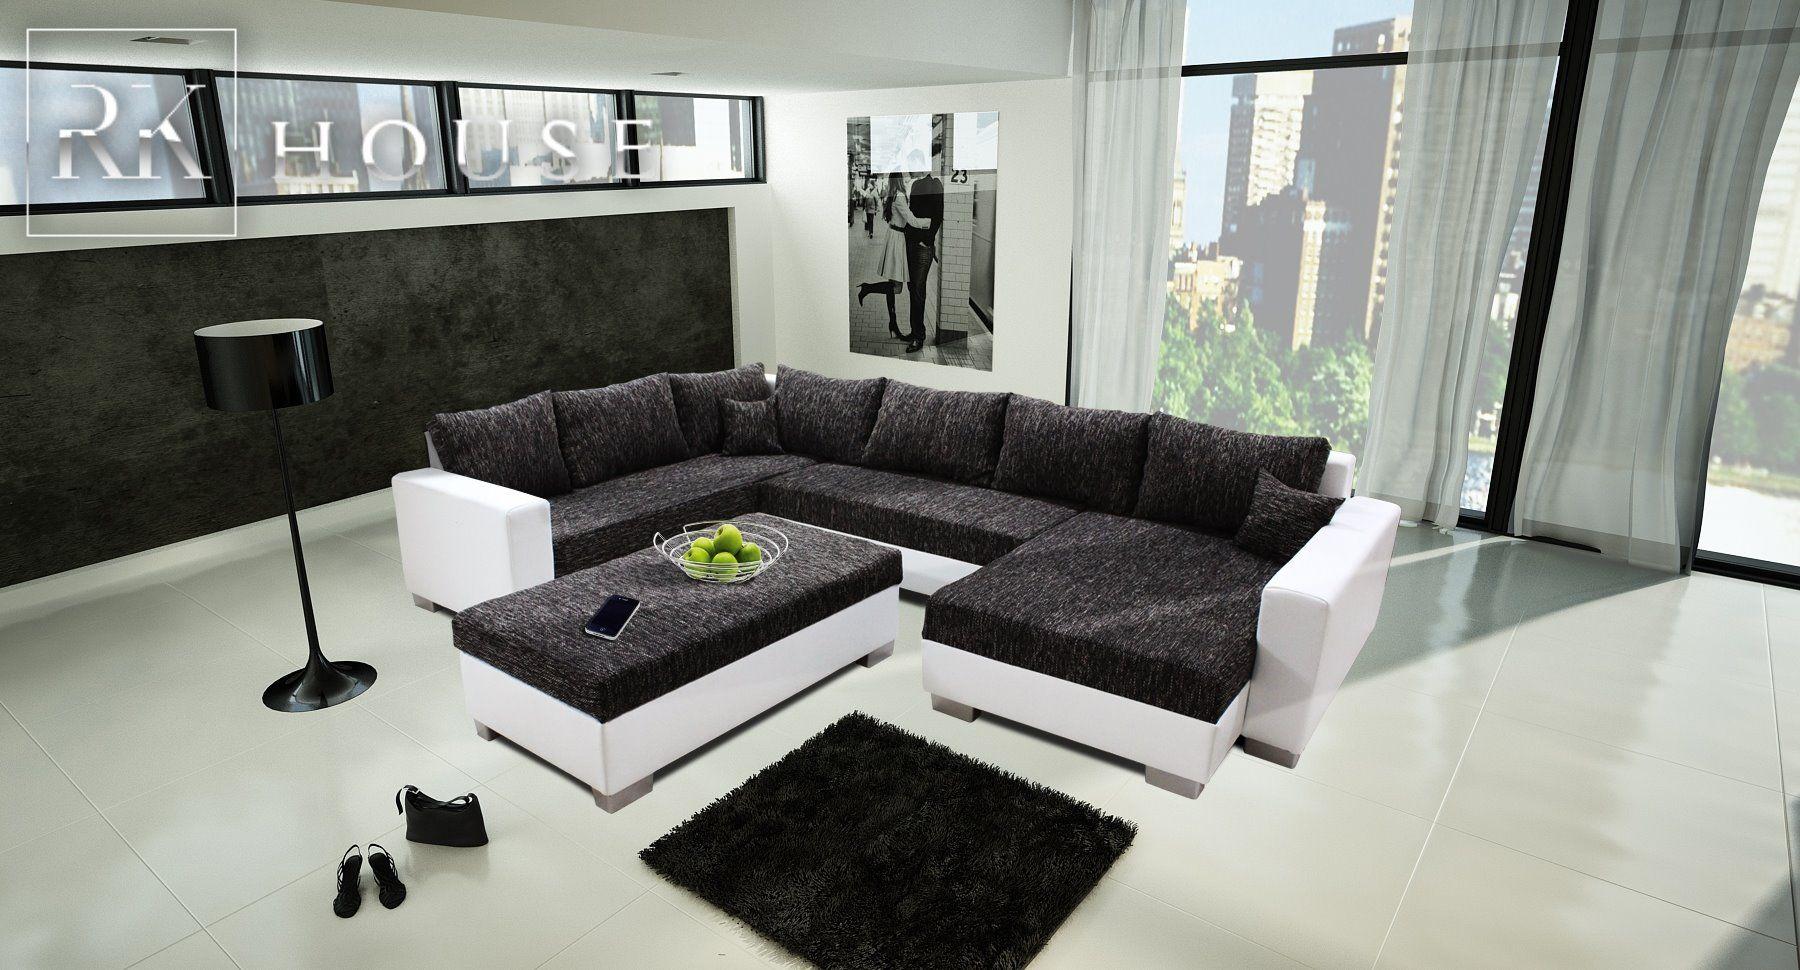 Ecksofa Neptun Bequem Stilvoll Und Effektvoll Mit Wellenunterfederung Im Sitz Eur 759 00 Eckosofa Mobel Sofa Sitz Ne Home Sectional Couch Home Decor